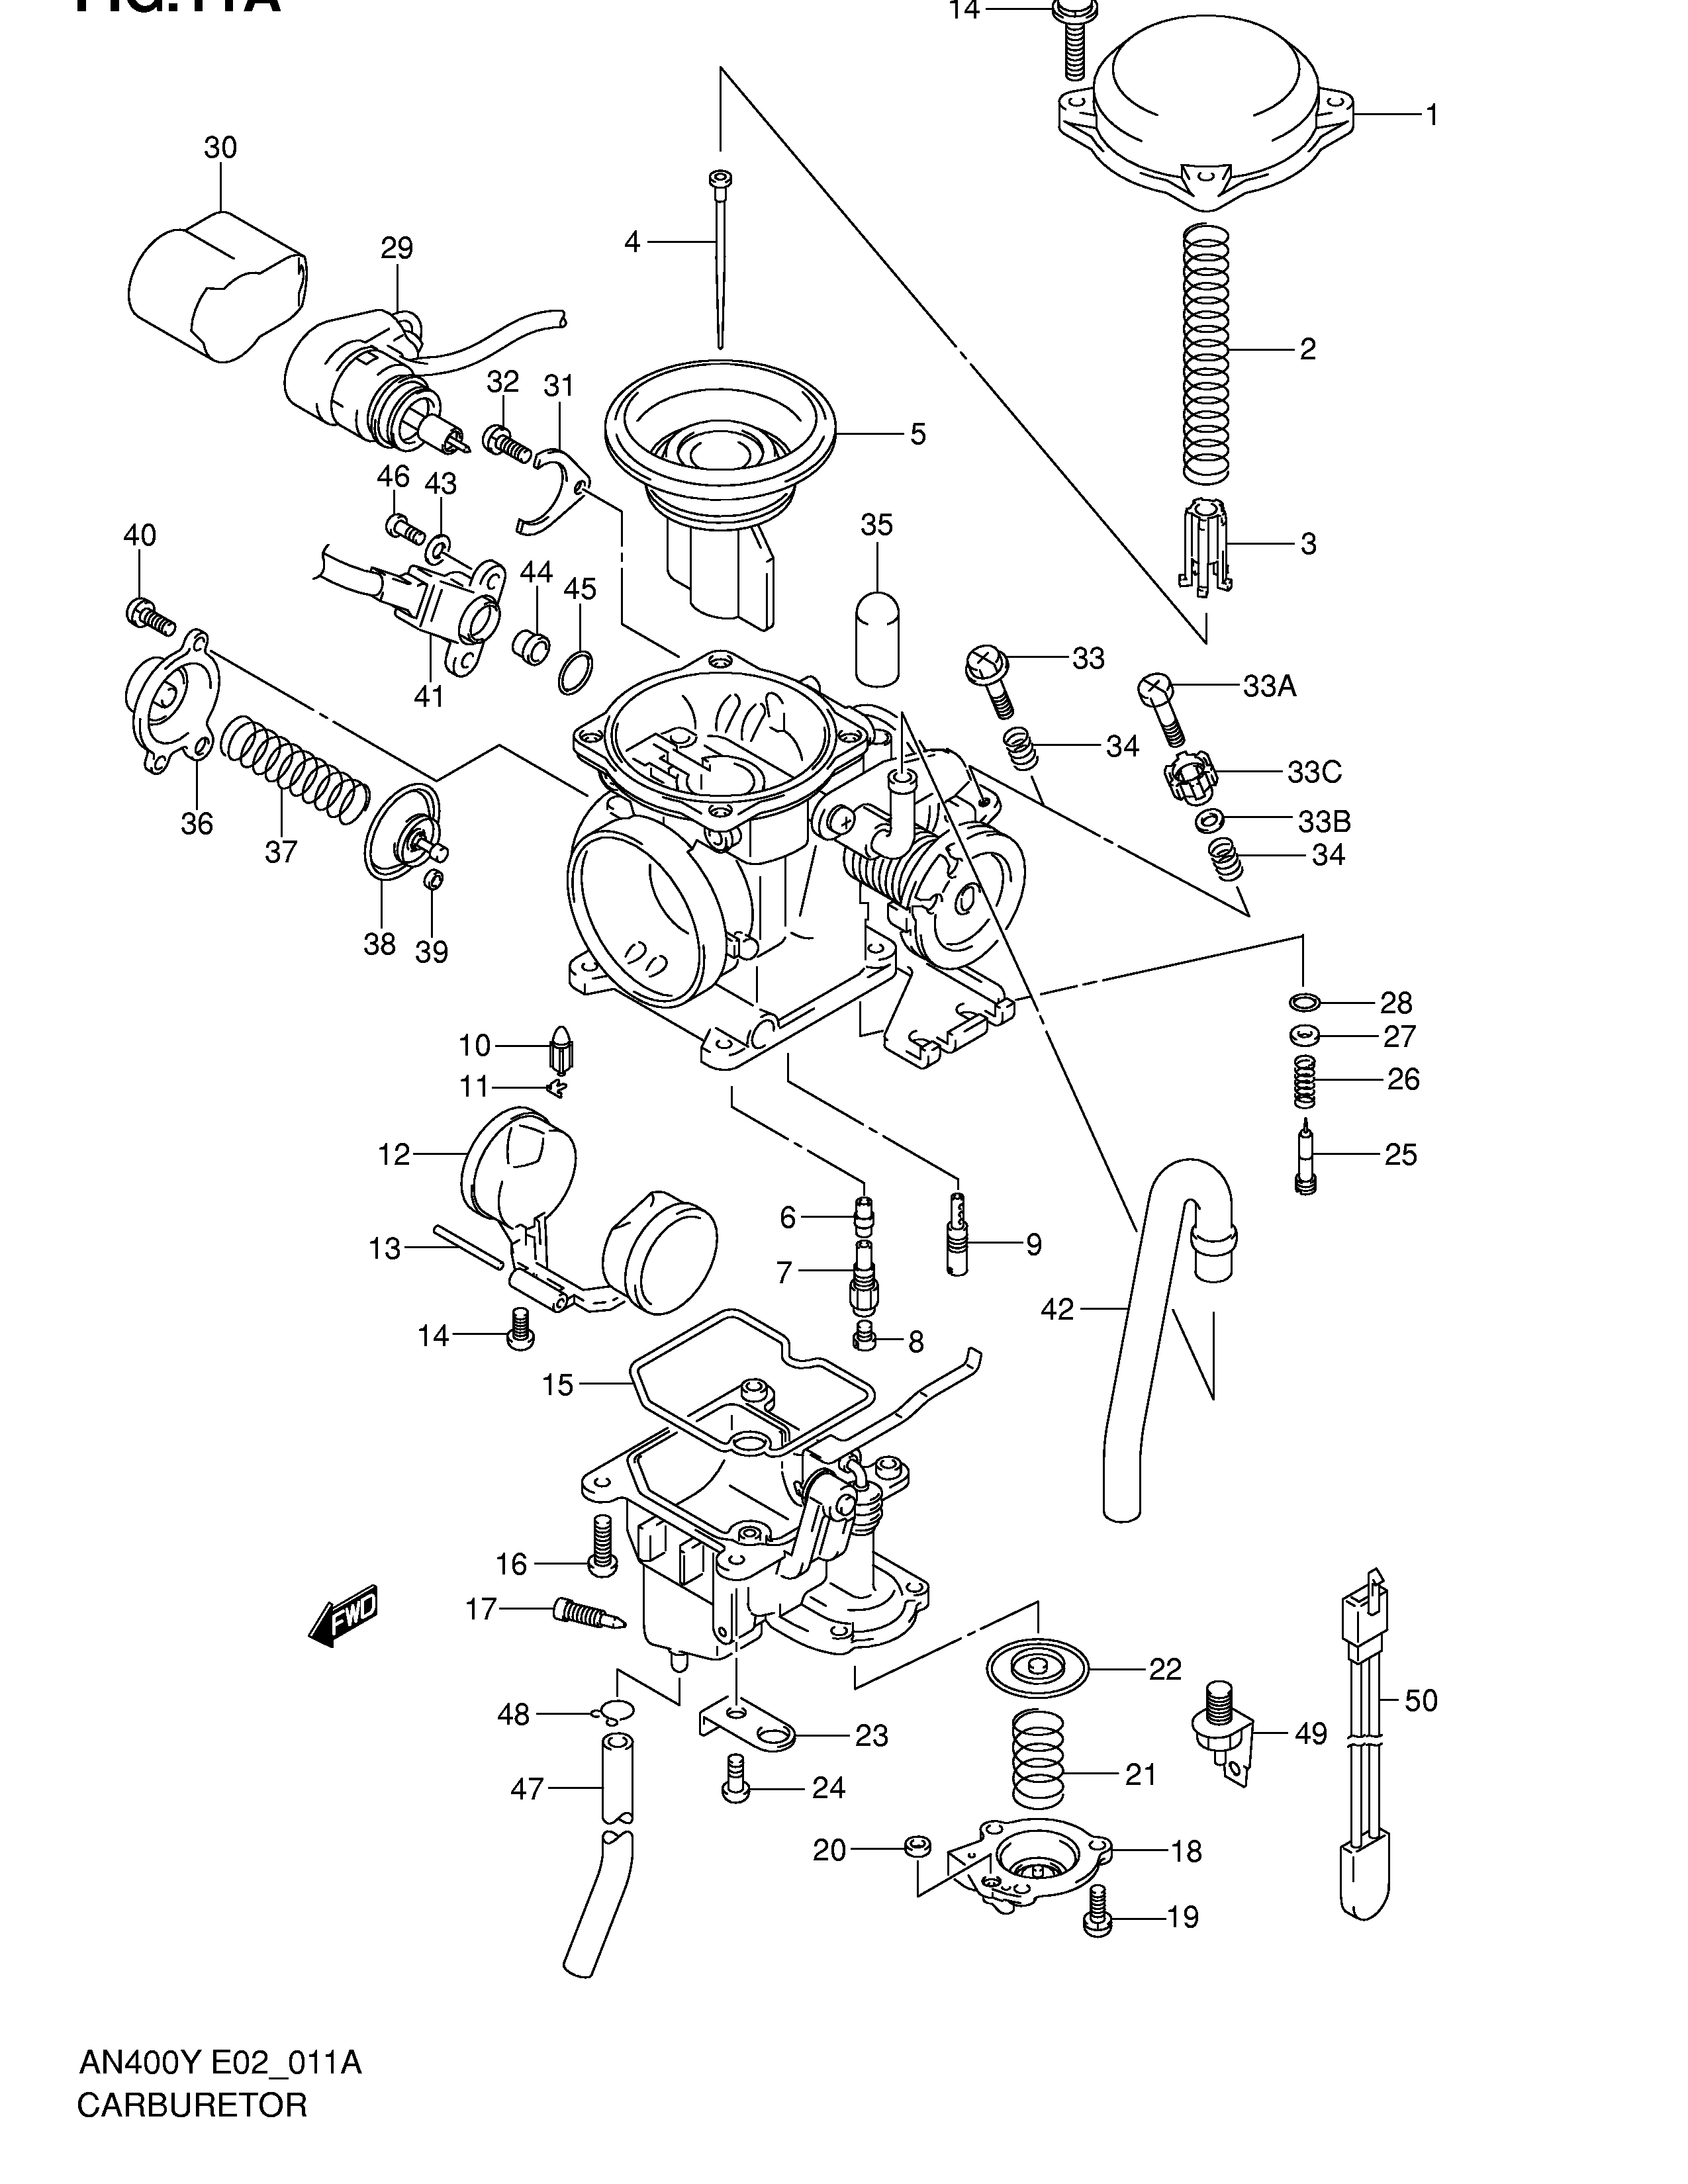 bateria carburadores suzuki burgman 400 1998